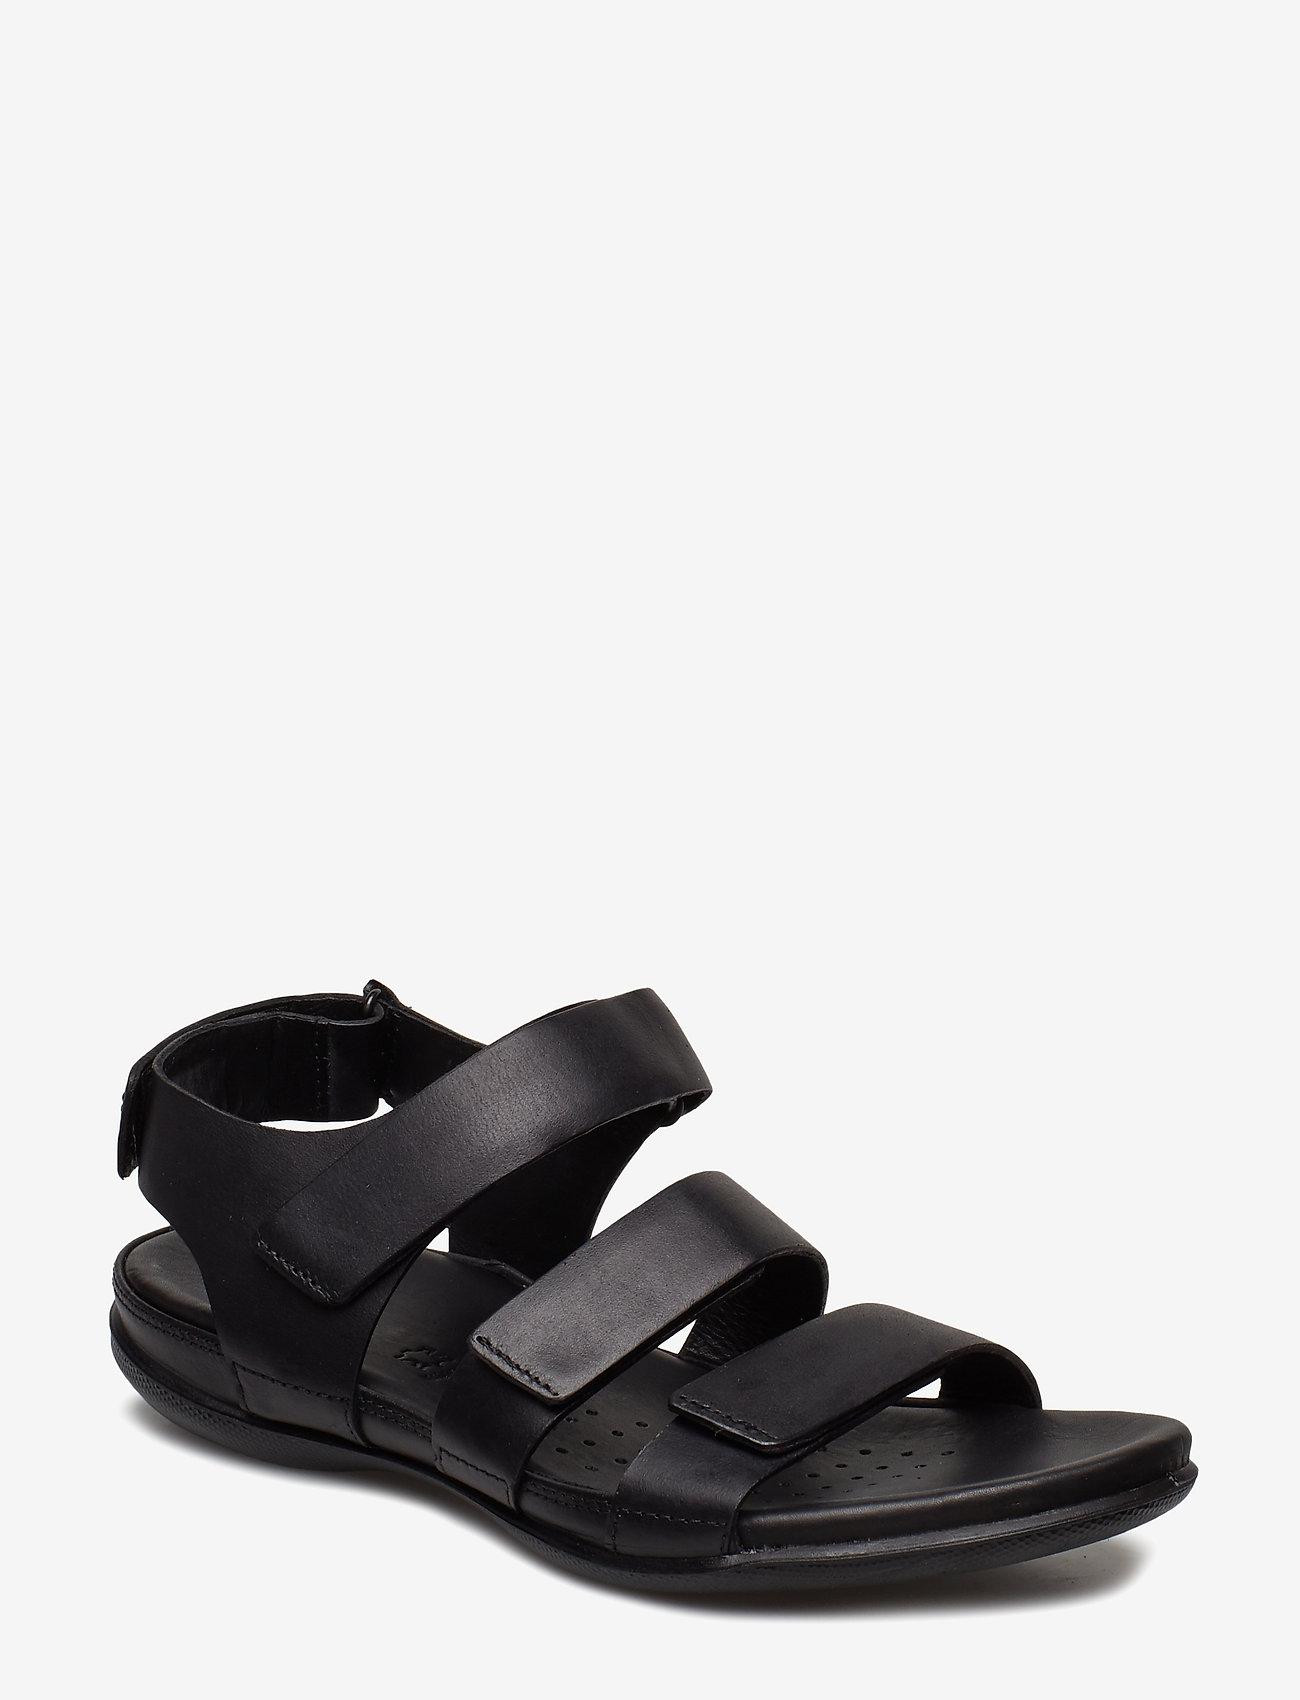 ECCO - FLASH - flat sandals - black - 0